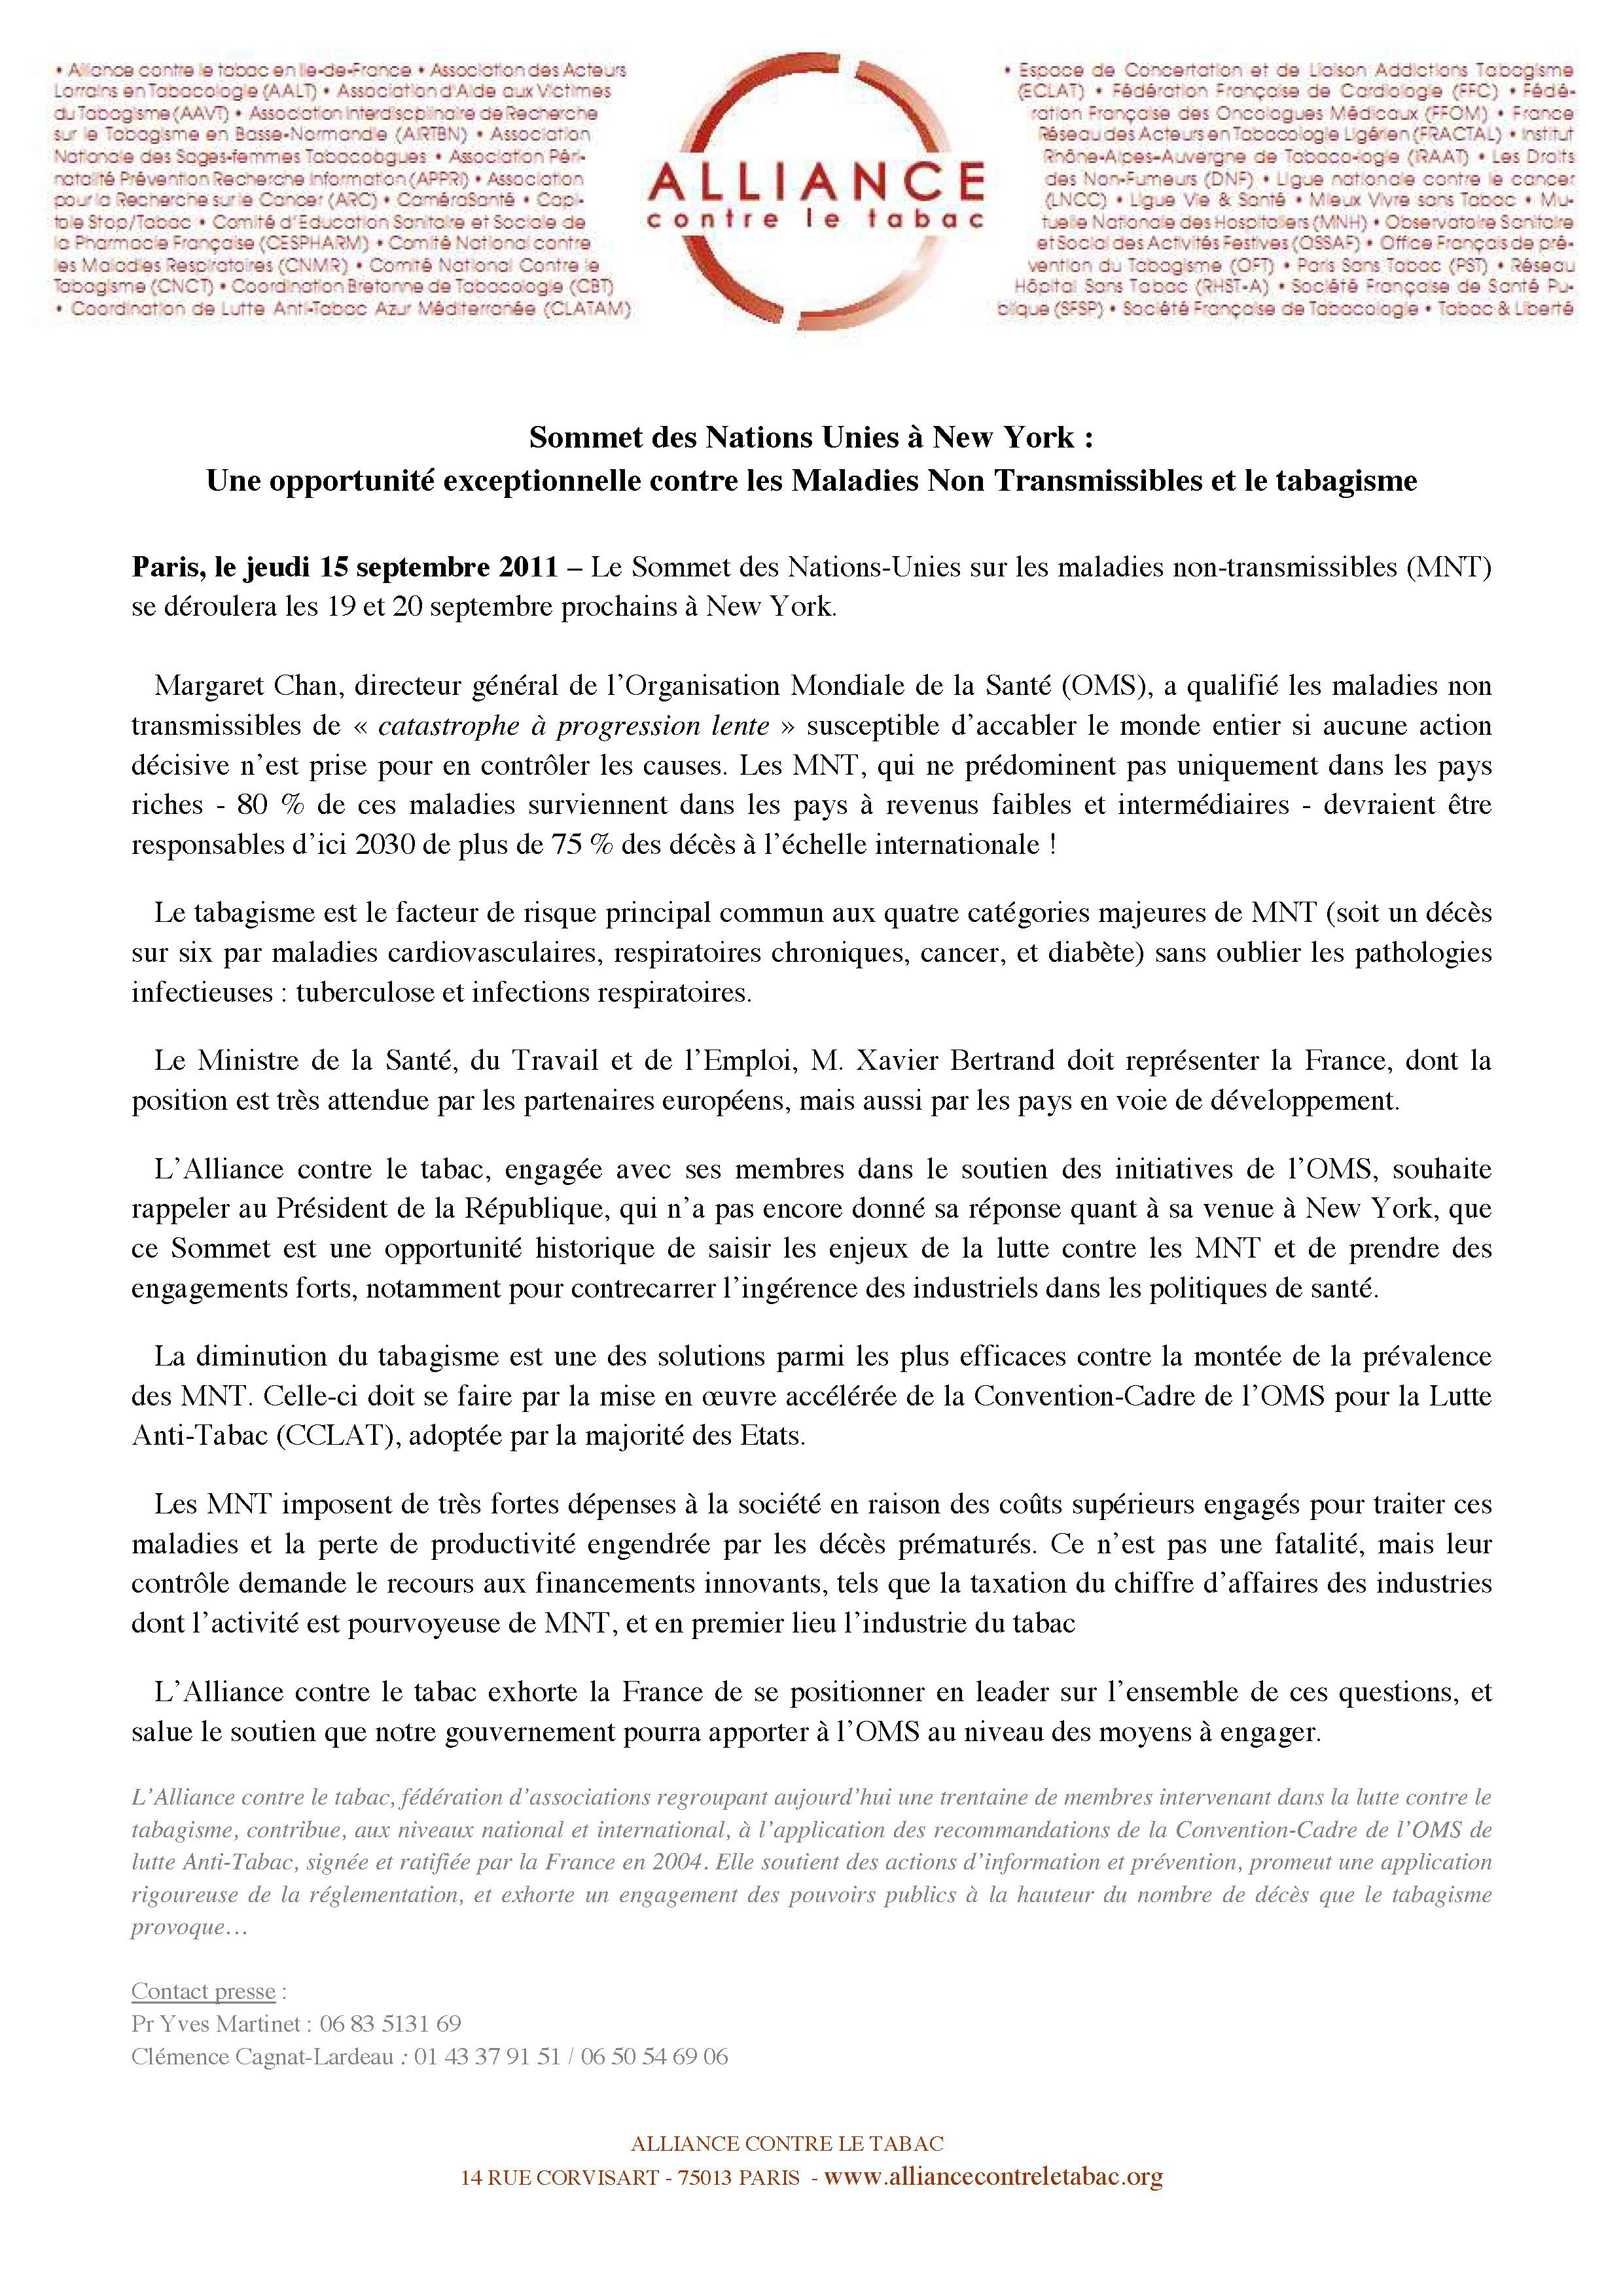 Alliance-CP_sommet-de-new-york-maladies-non-transmissibles-15sept2011.jpg